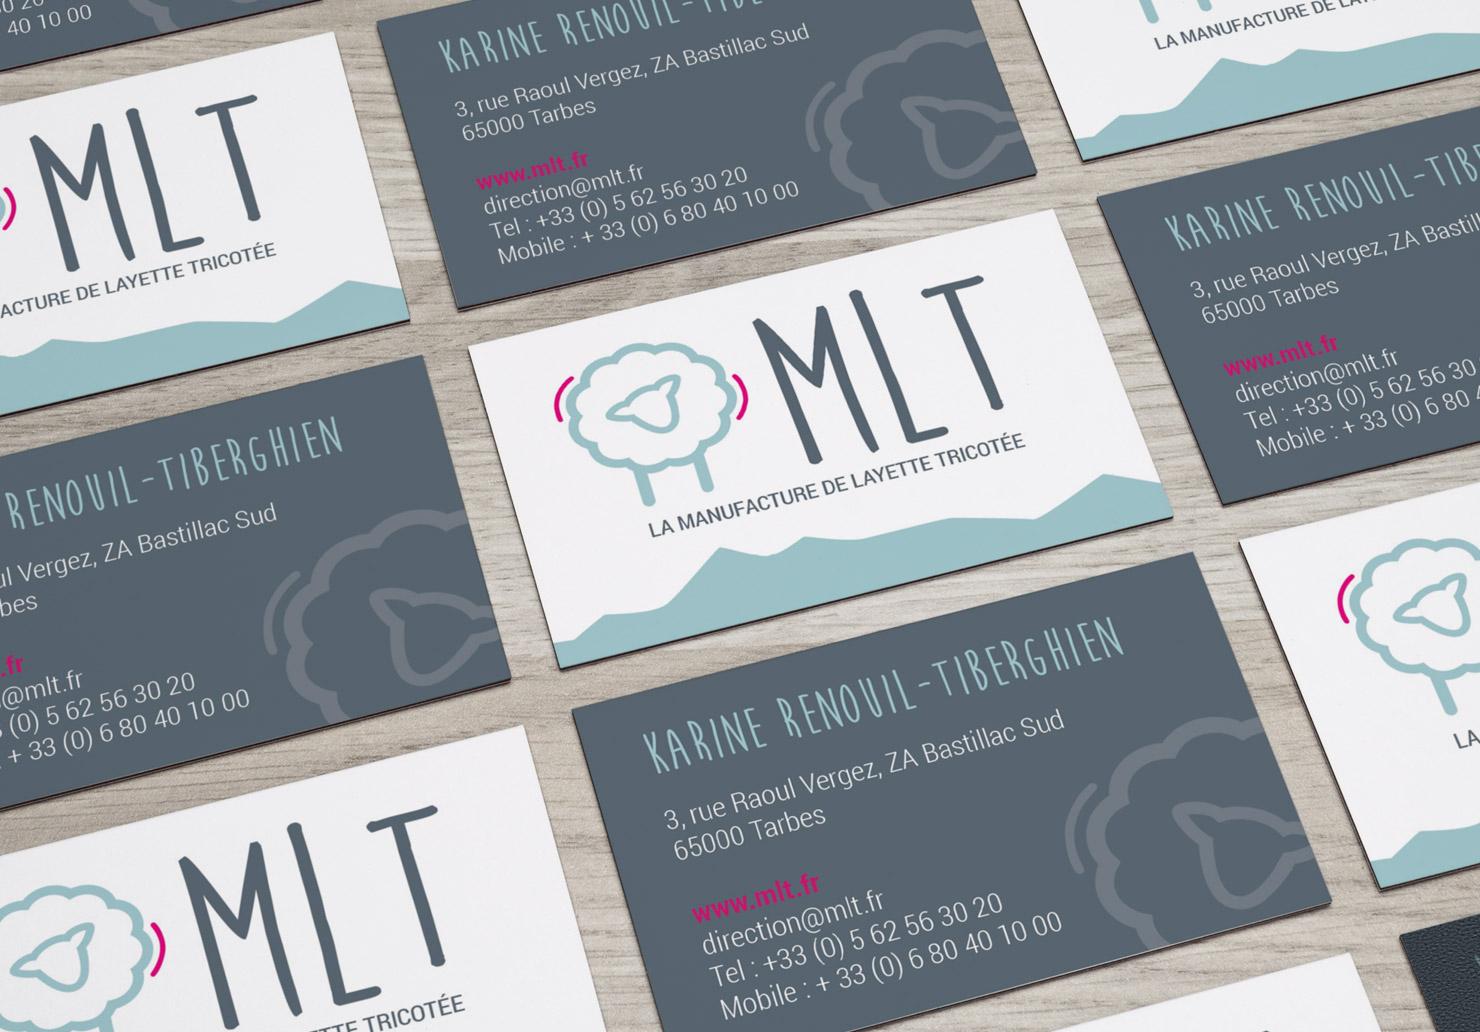 Carte de visite La Manufacture de Layette - Création de carte de visite par Emilie Le Béhérec, graphiste freelance spécialisée dans le domaine de l'enfance